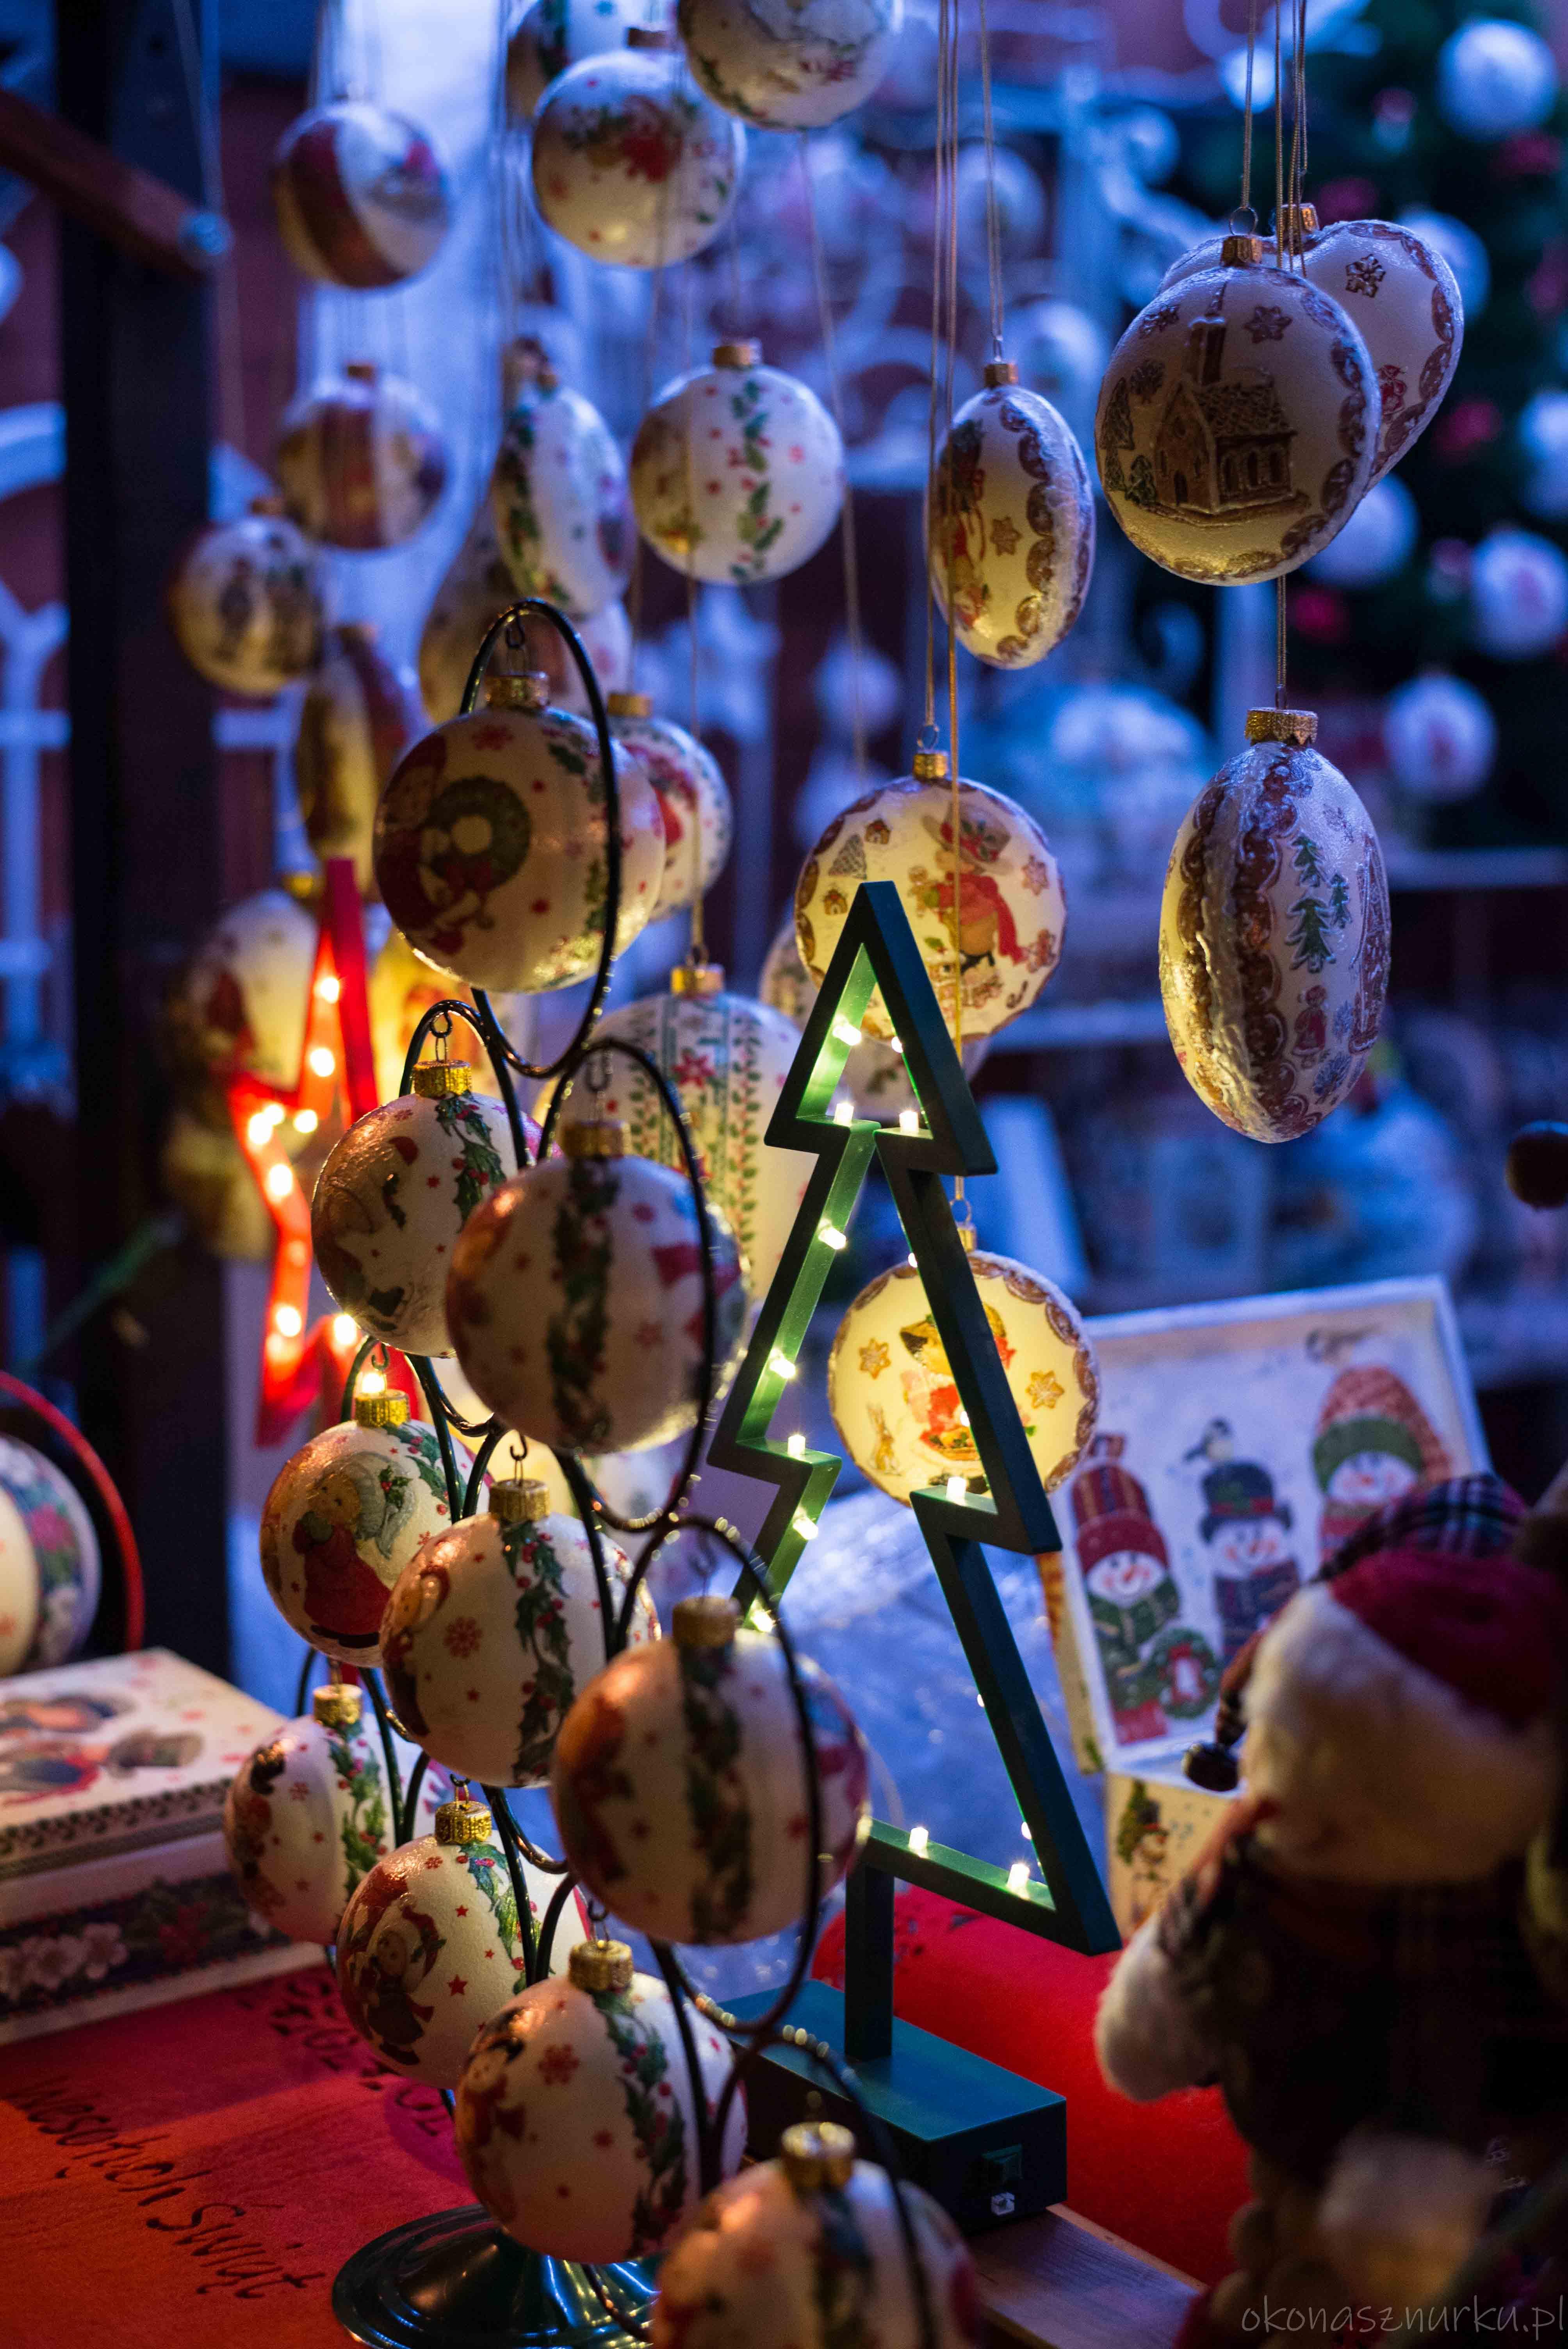 jarmark-bozonarodzeniowy-wroclaw-christmas-market-poland (100)